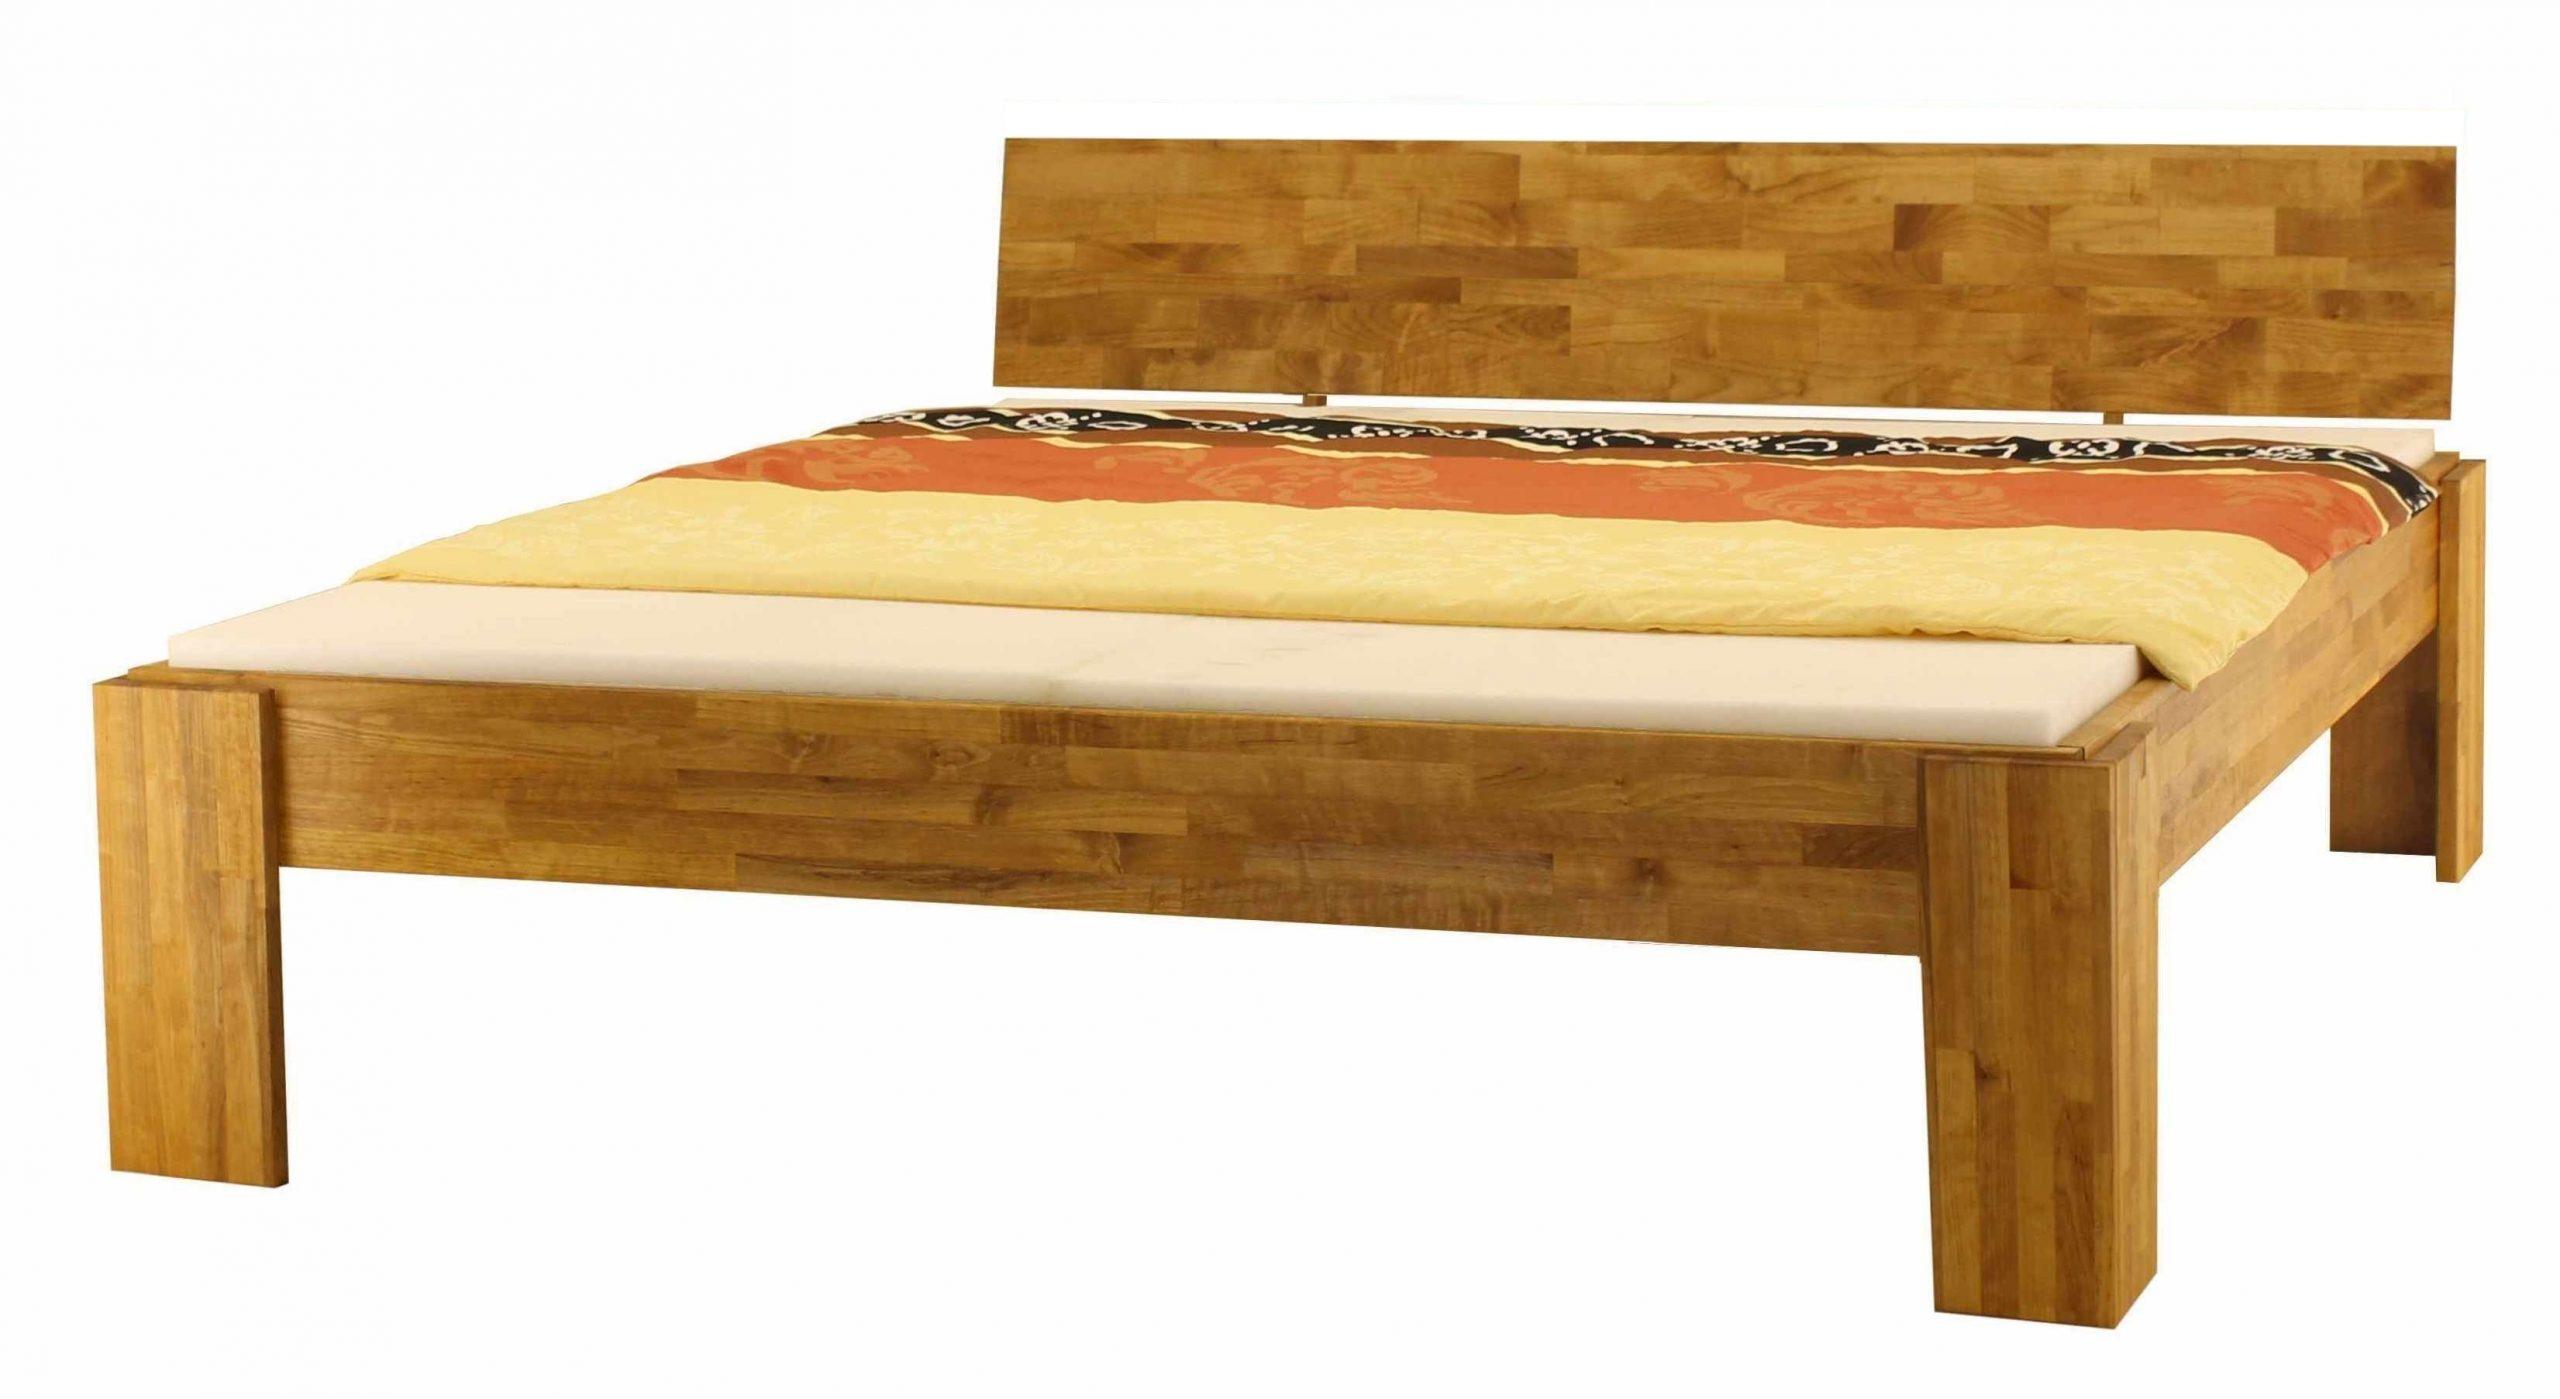 Full Size of Massivholzbetten Berlin Massivholz Betten Xxl Lutz 120x200 Bett Hamburg Holzbett Landhausstil Bei Ikea Esstisch Mannheim Münster Hülsta Hohe Französische Bett Massivholz Betten